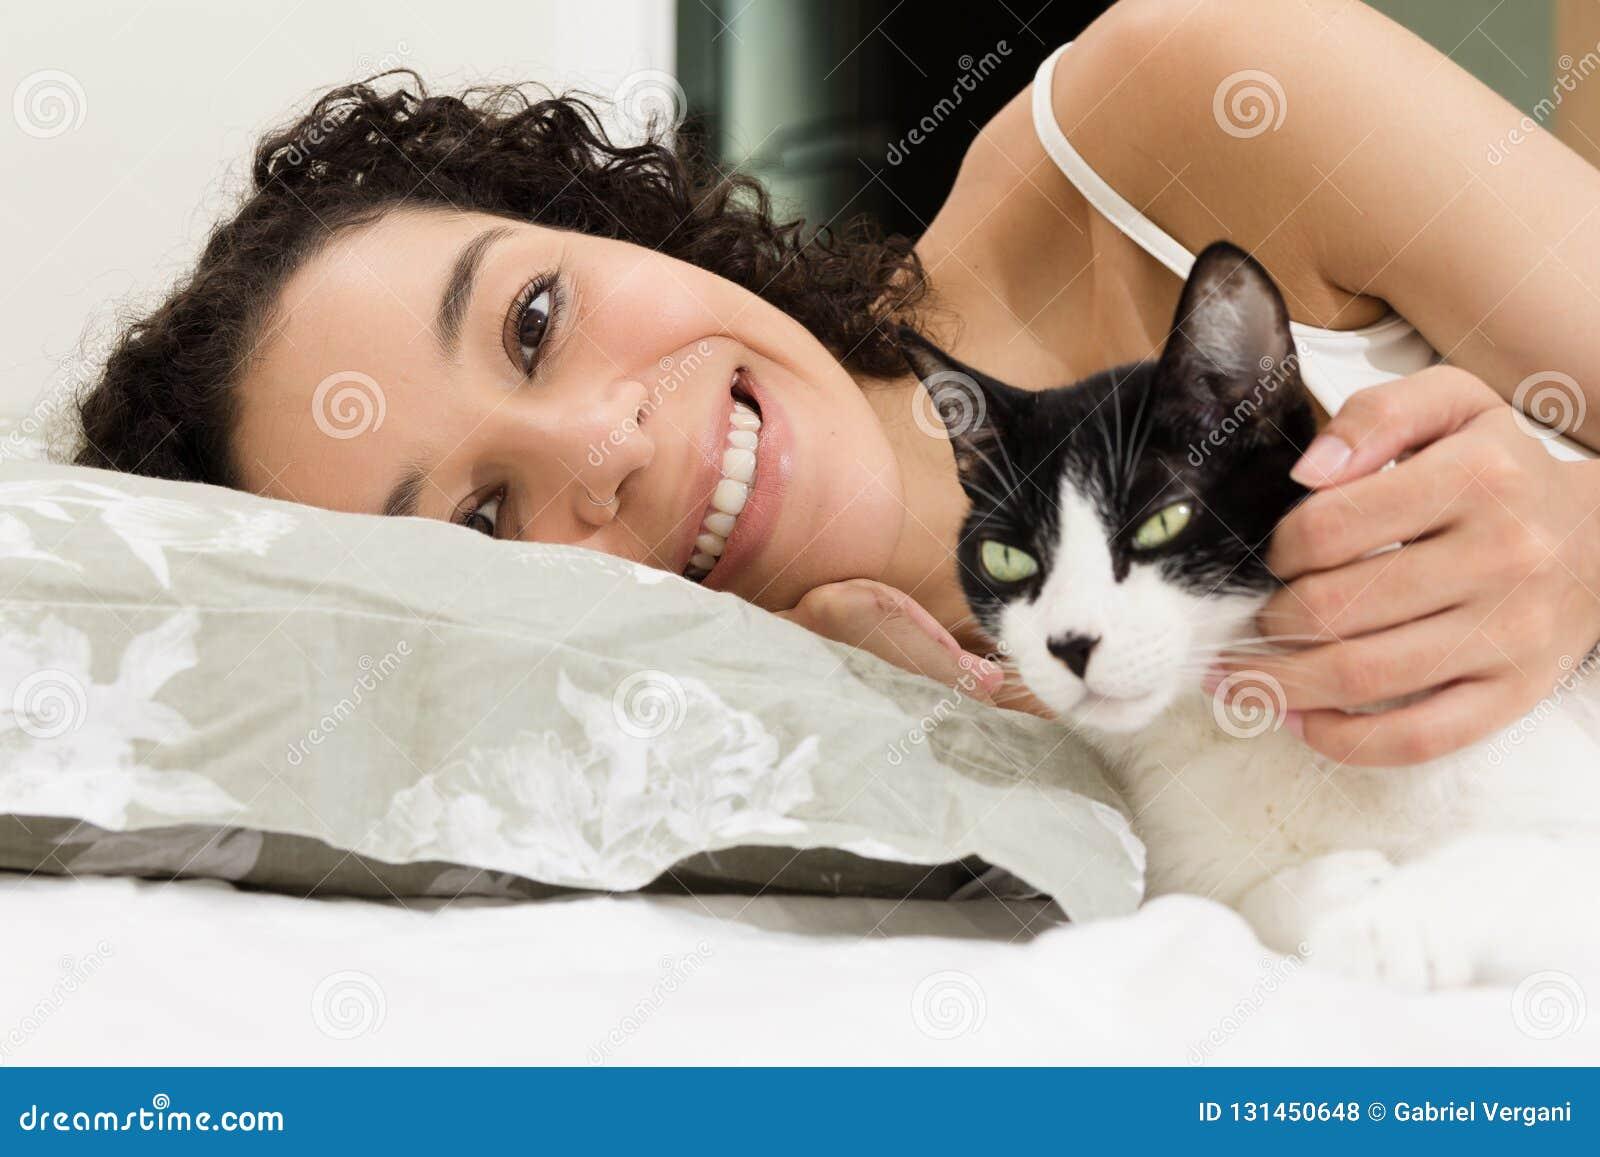 Portret die van zwarte haar mooie kat in bed petting Concept liefde aan dieren, zorg, kalmte